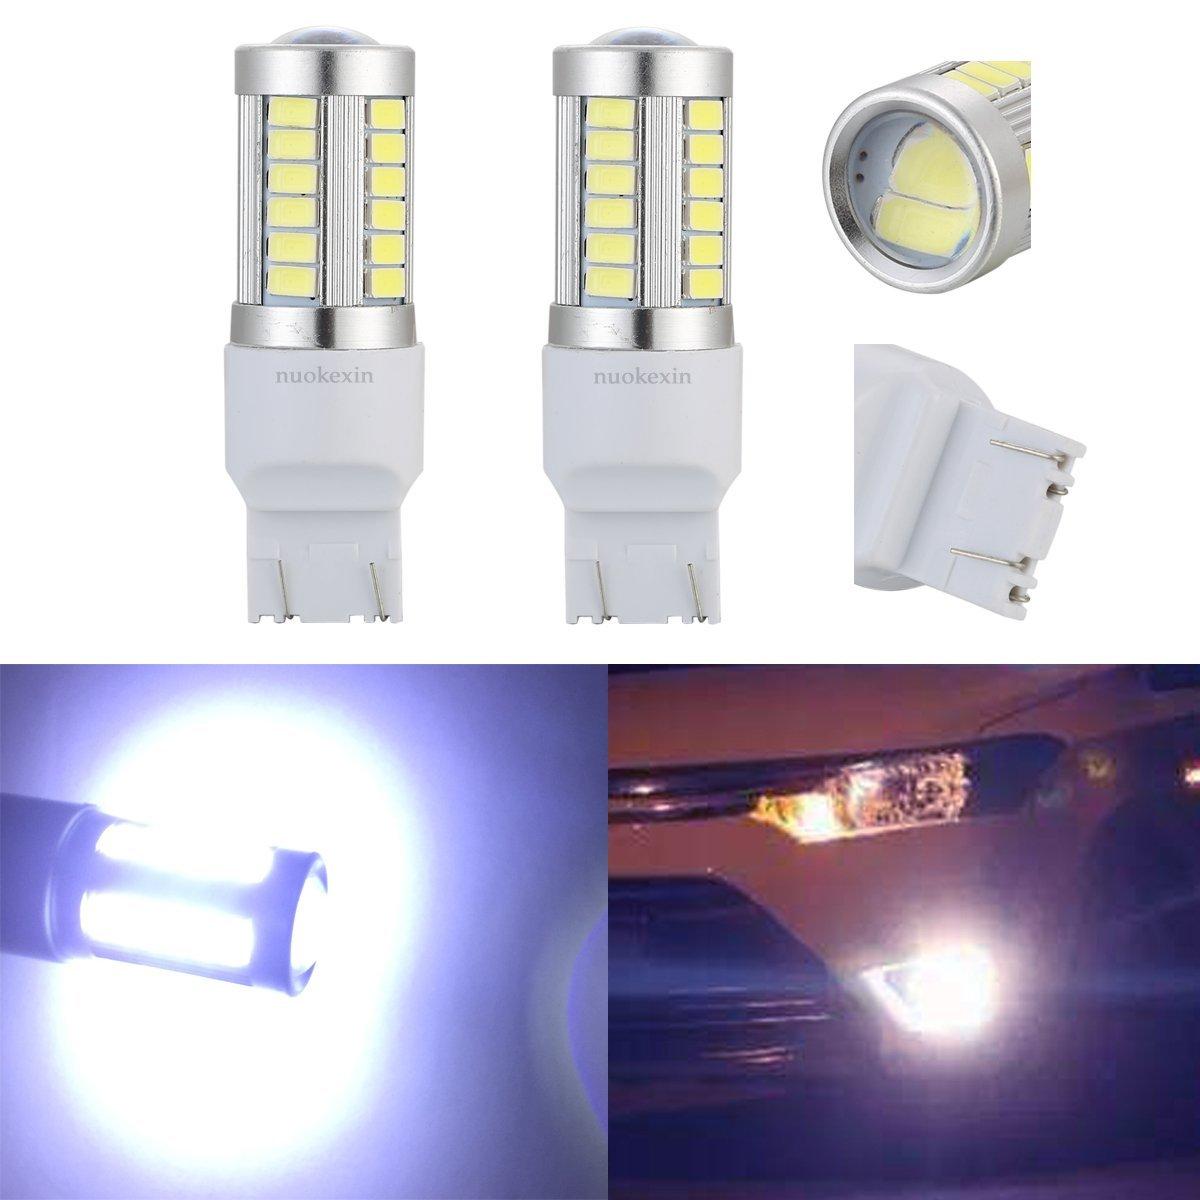 Nuokexin 2Pcs/Lot T20 W21/5W 7443 33 LED 5630 SMD Car Auto Rear Lights Reverse Lights Parking Lights DC 12V